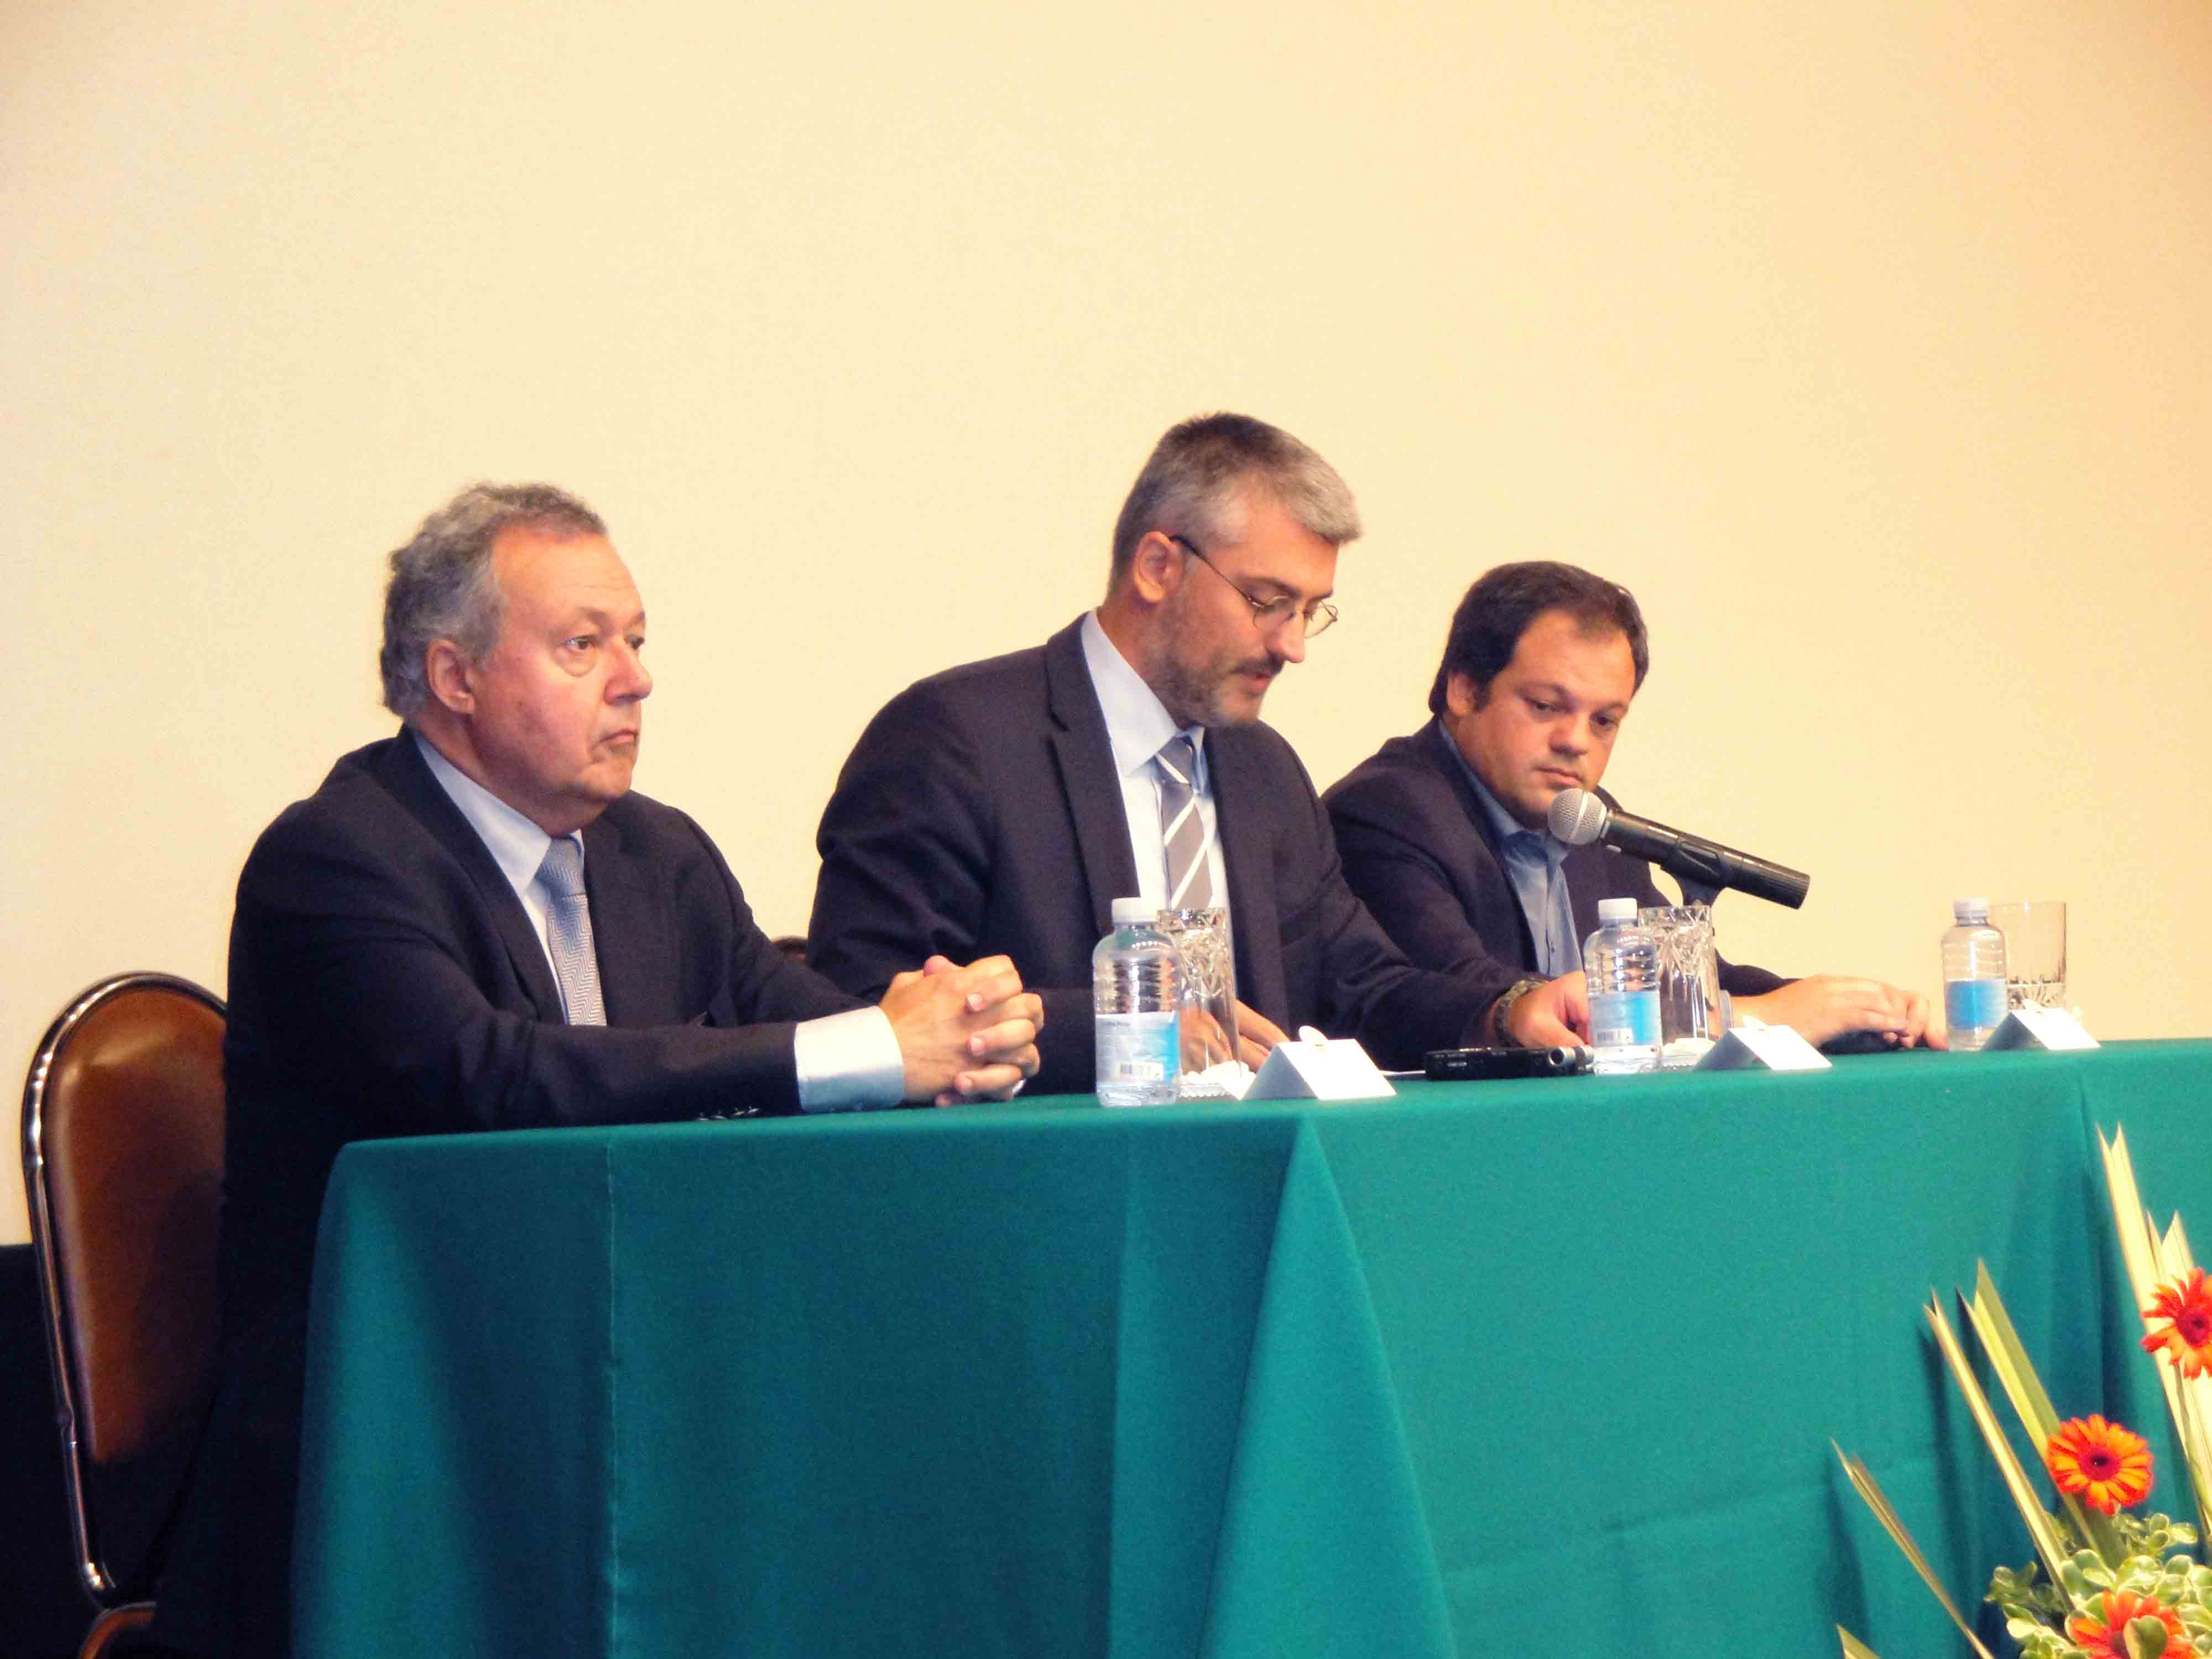 Unidades de Saúde e Hospitais com Núcleos de Apoio a Crianças e Jovens em Risco, anuncia Luís Cabral